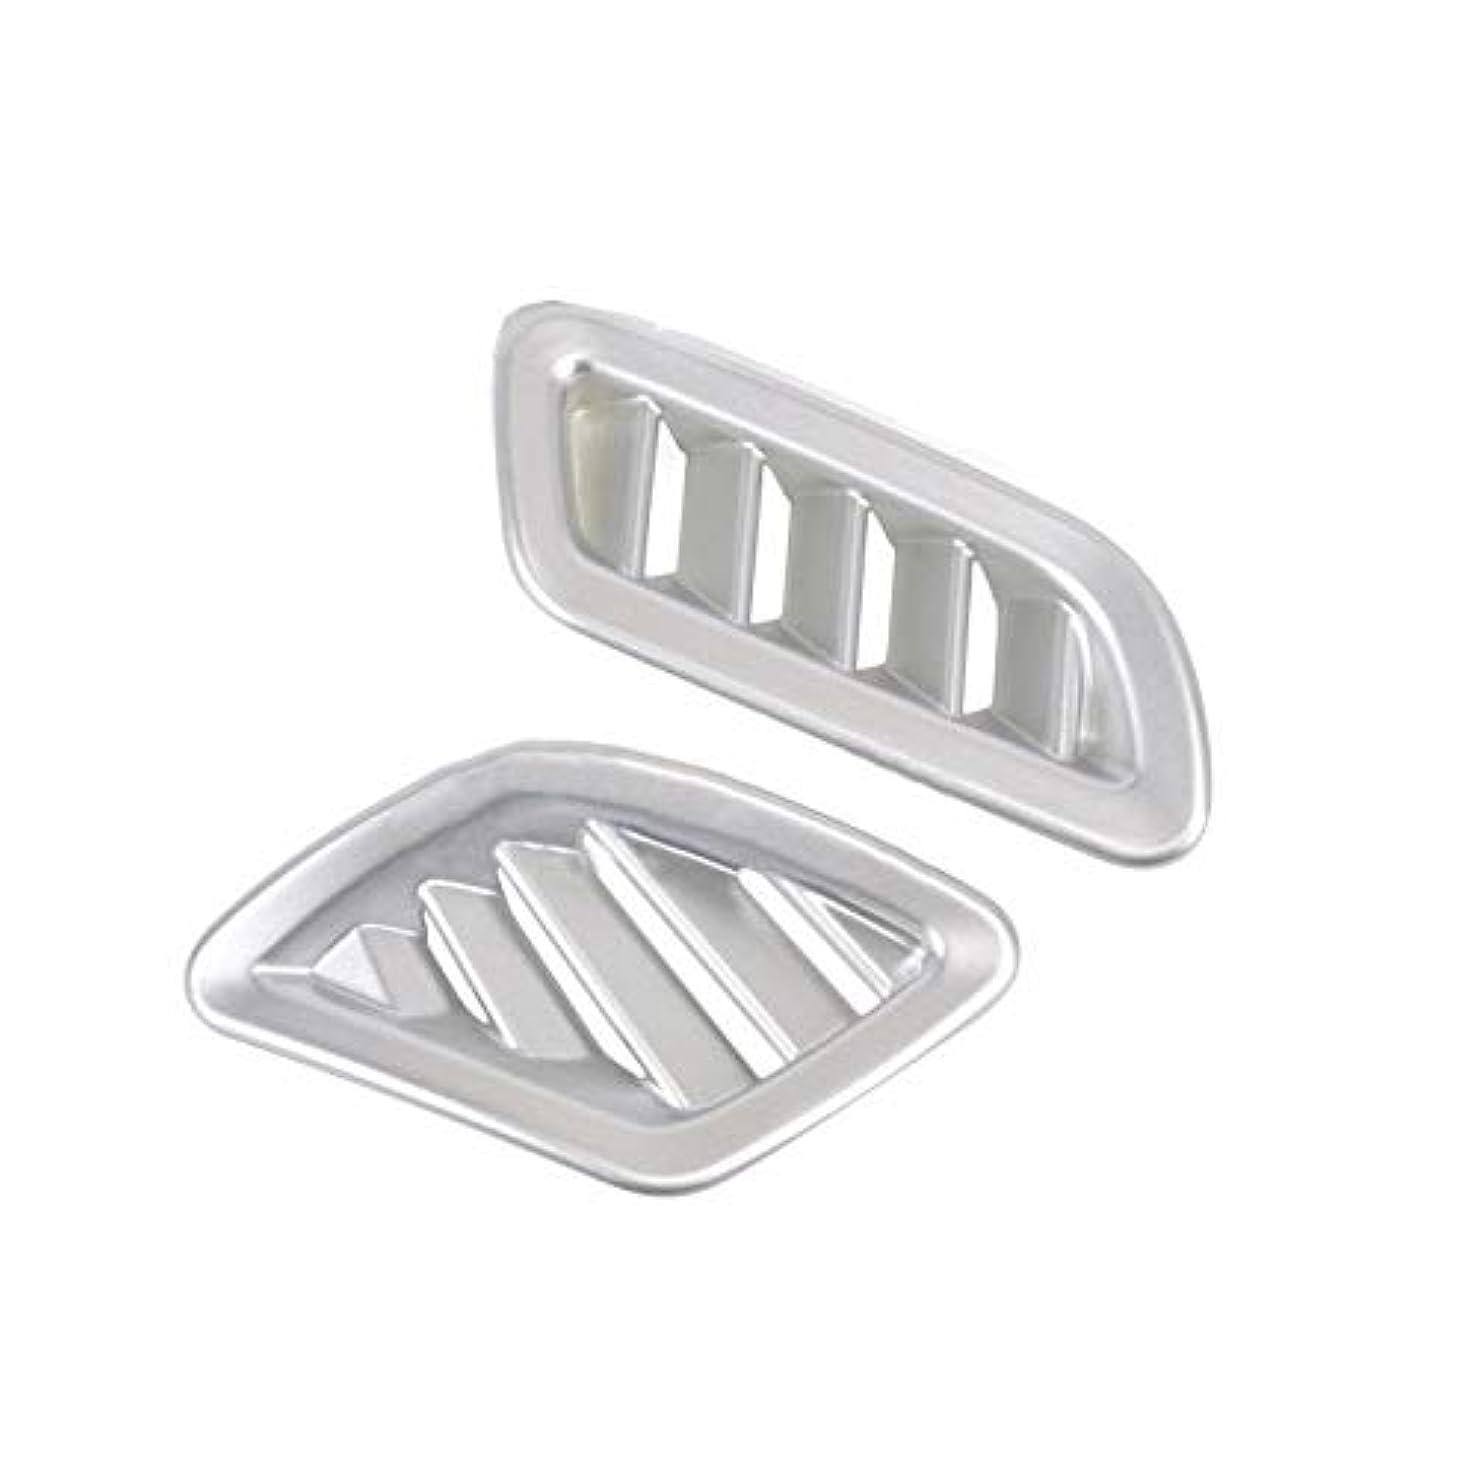 暴力ピース荒野Jicorzo - Car Interior Dashboard Vent Cover Trim Sticker Car Interior Styling Accessory For Jeep Renegade 2016-2017 Car Part Decoration